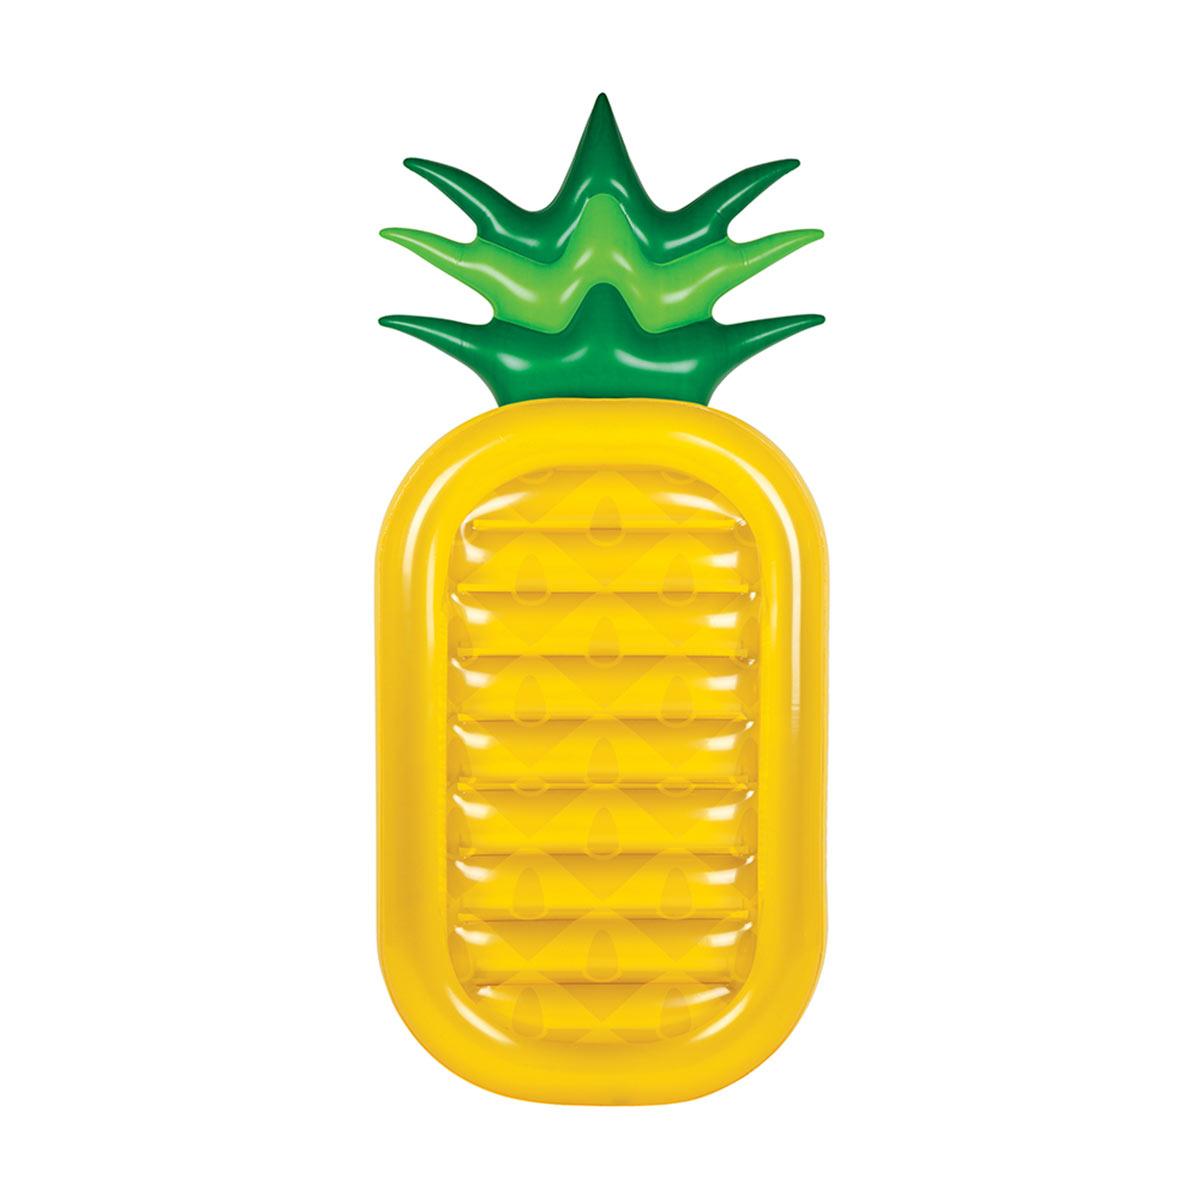 Luftmatratze in Ananas-Form